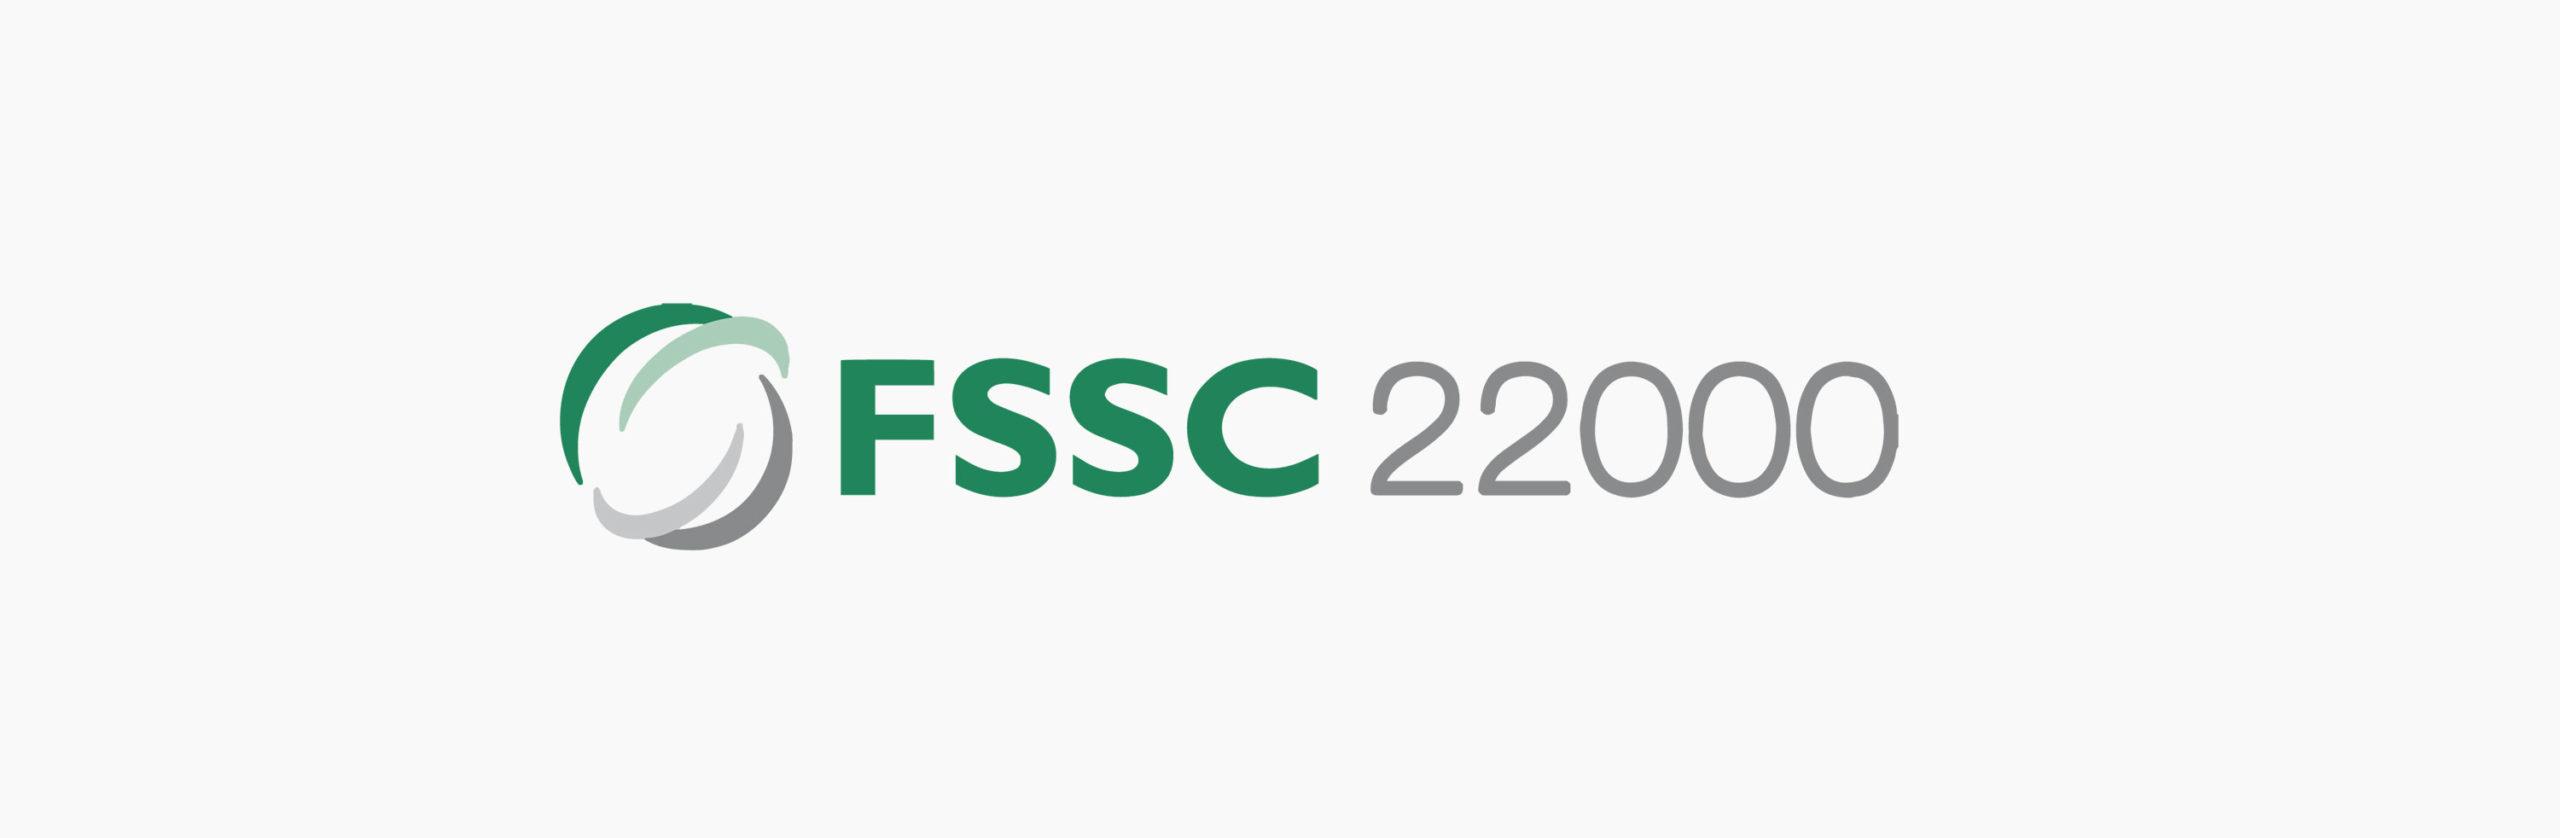 Lamothe-Abiet is certified FSSC 22000